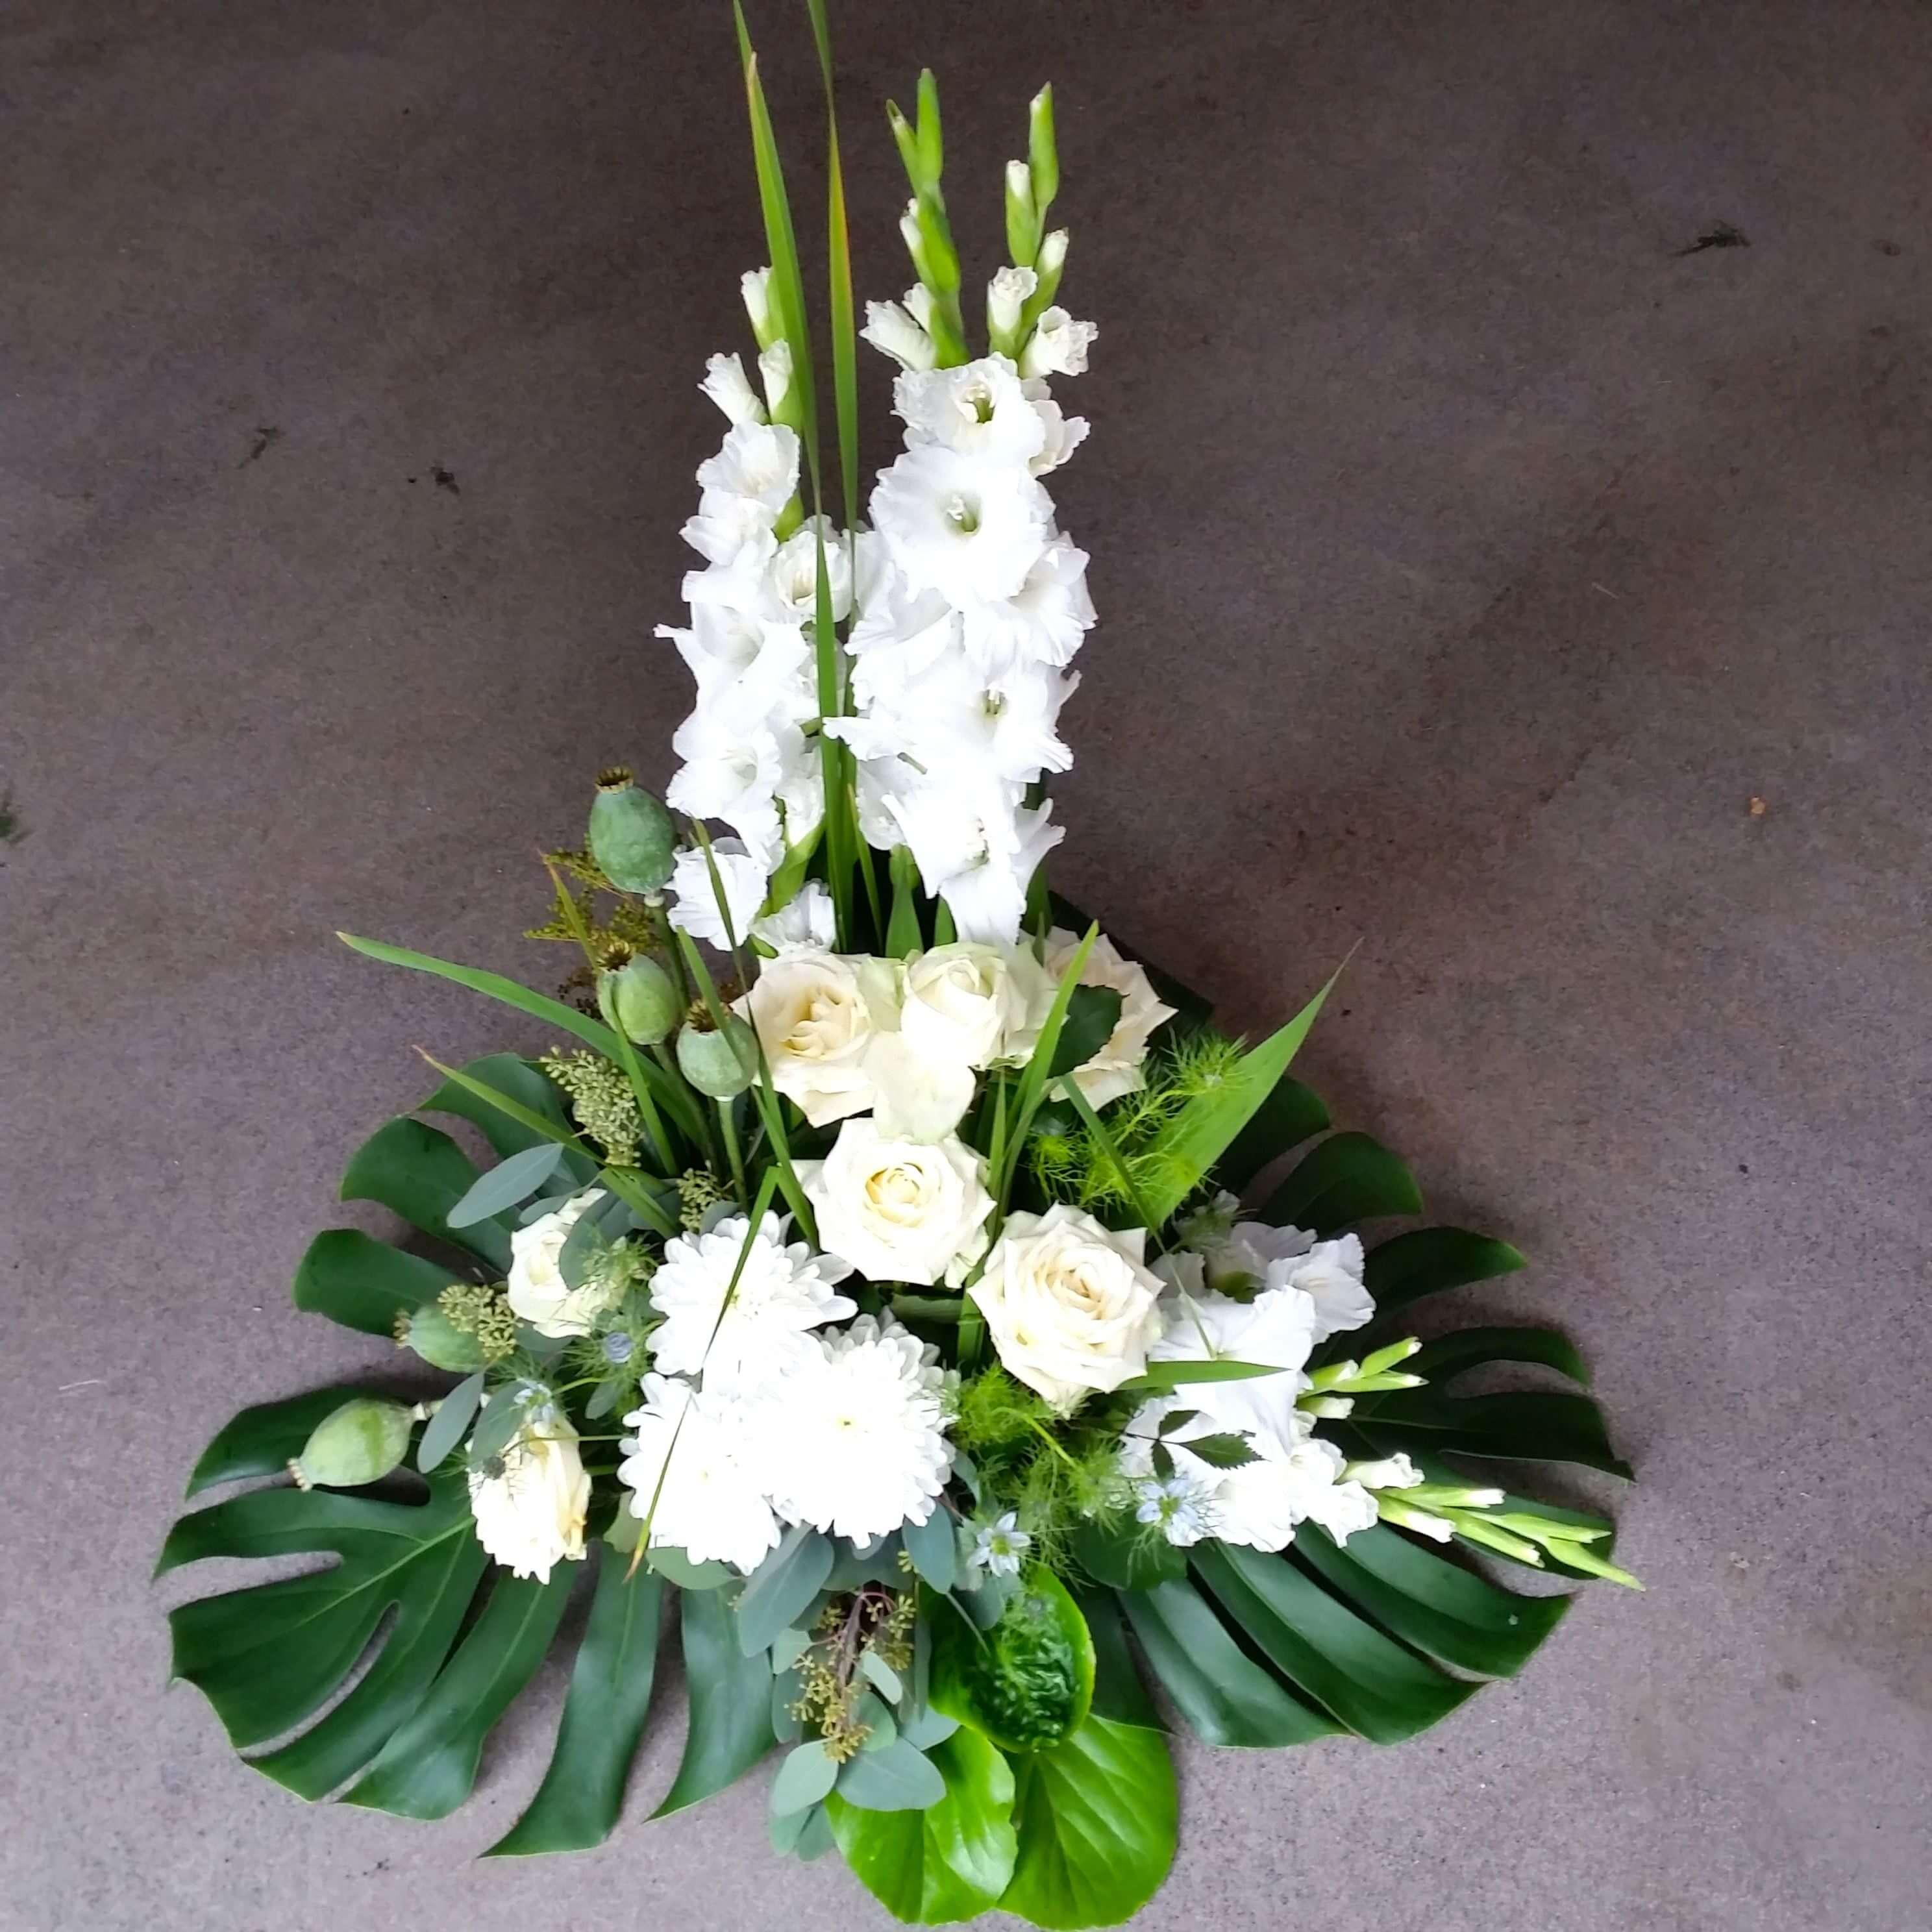 Magnifik Begravningsblommor sorgdekoration